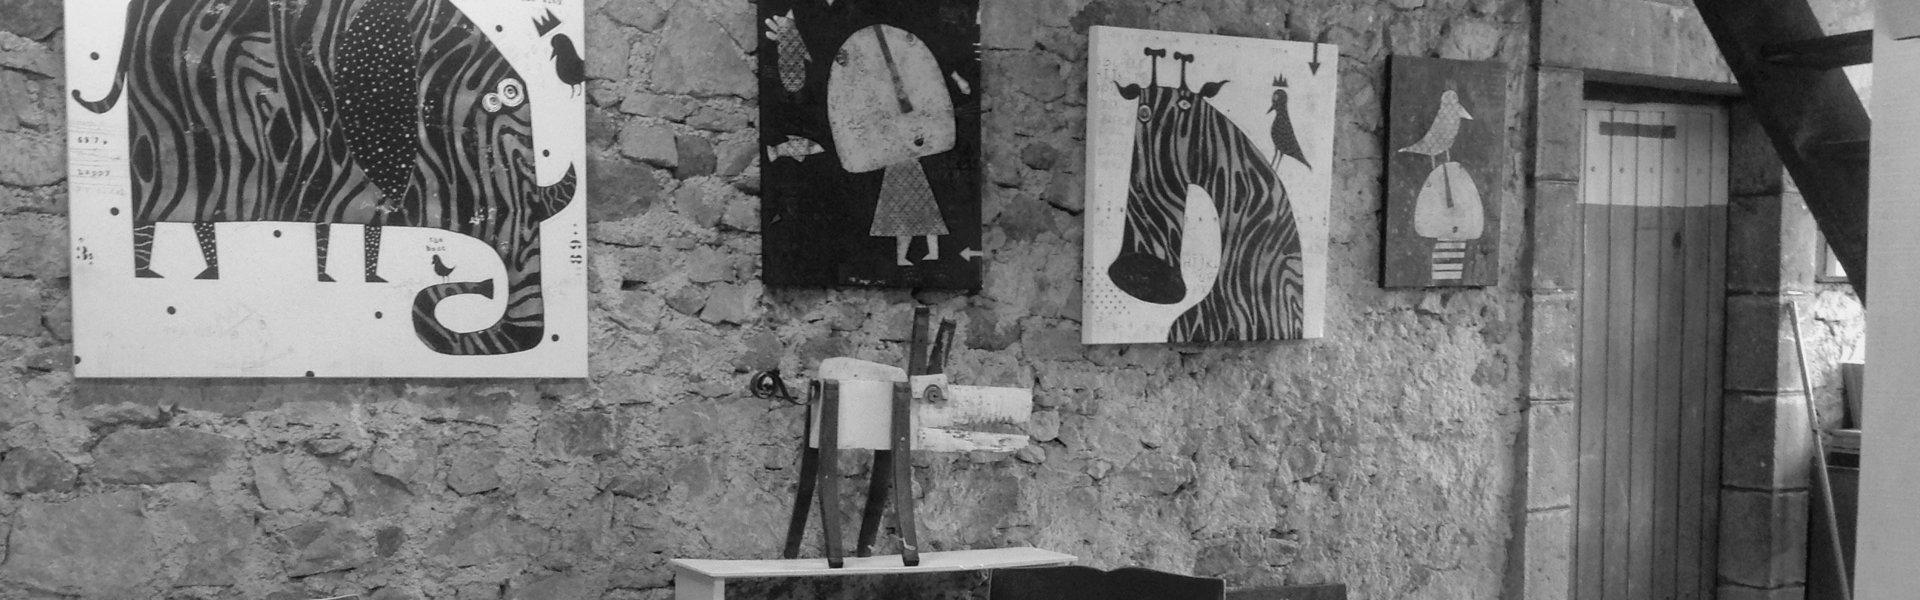 laurent dorchin artiste peintre contemporain fran ais singulart. Black Bedroom Furniture Sets. Home Design Ideas